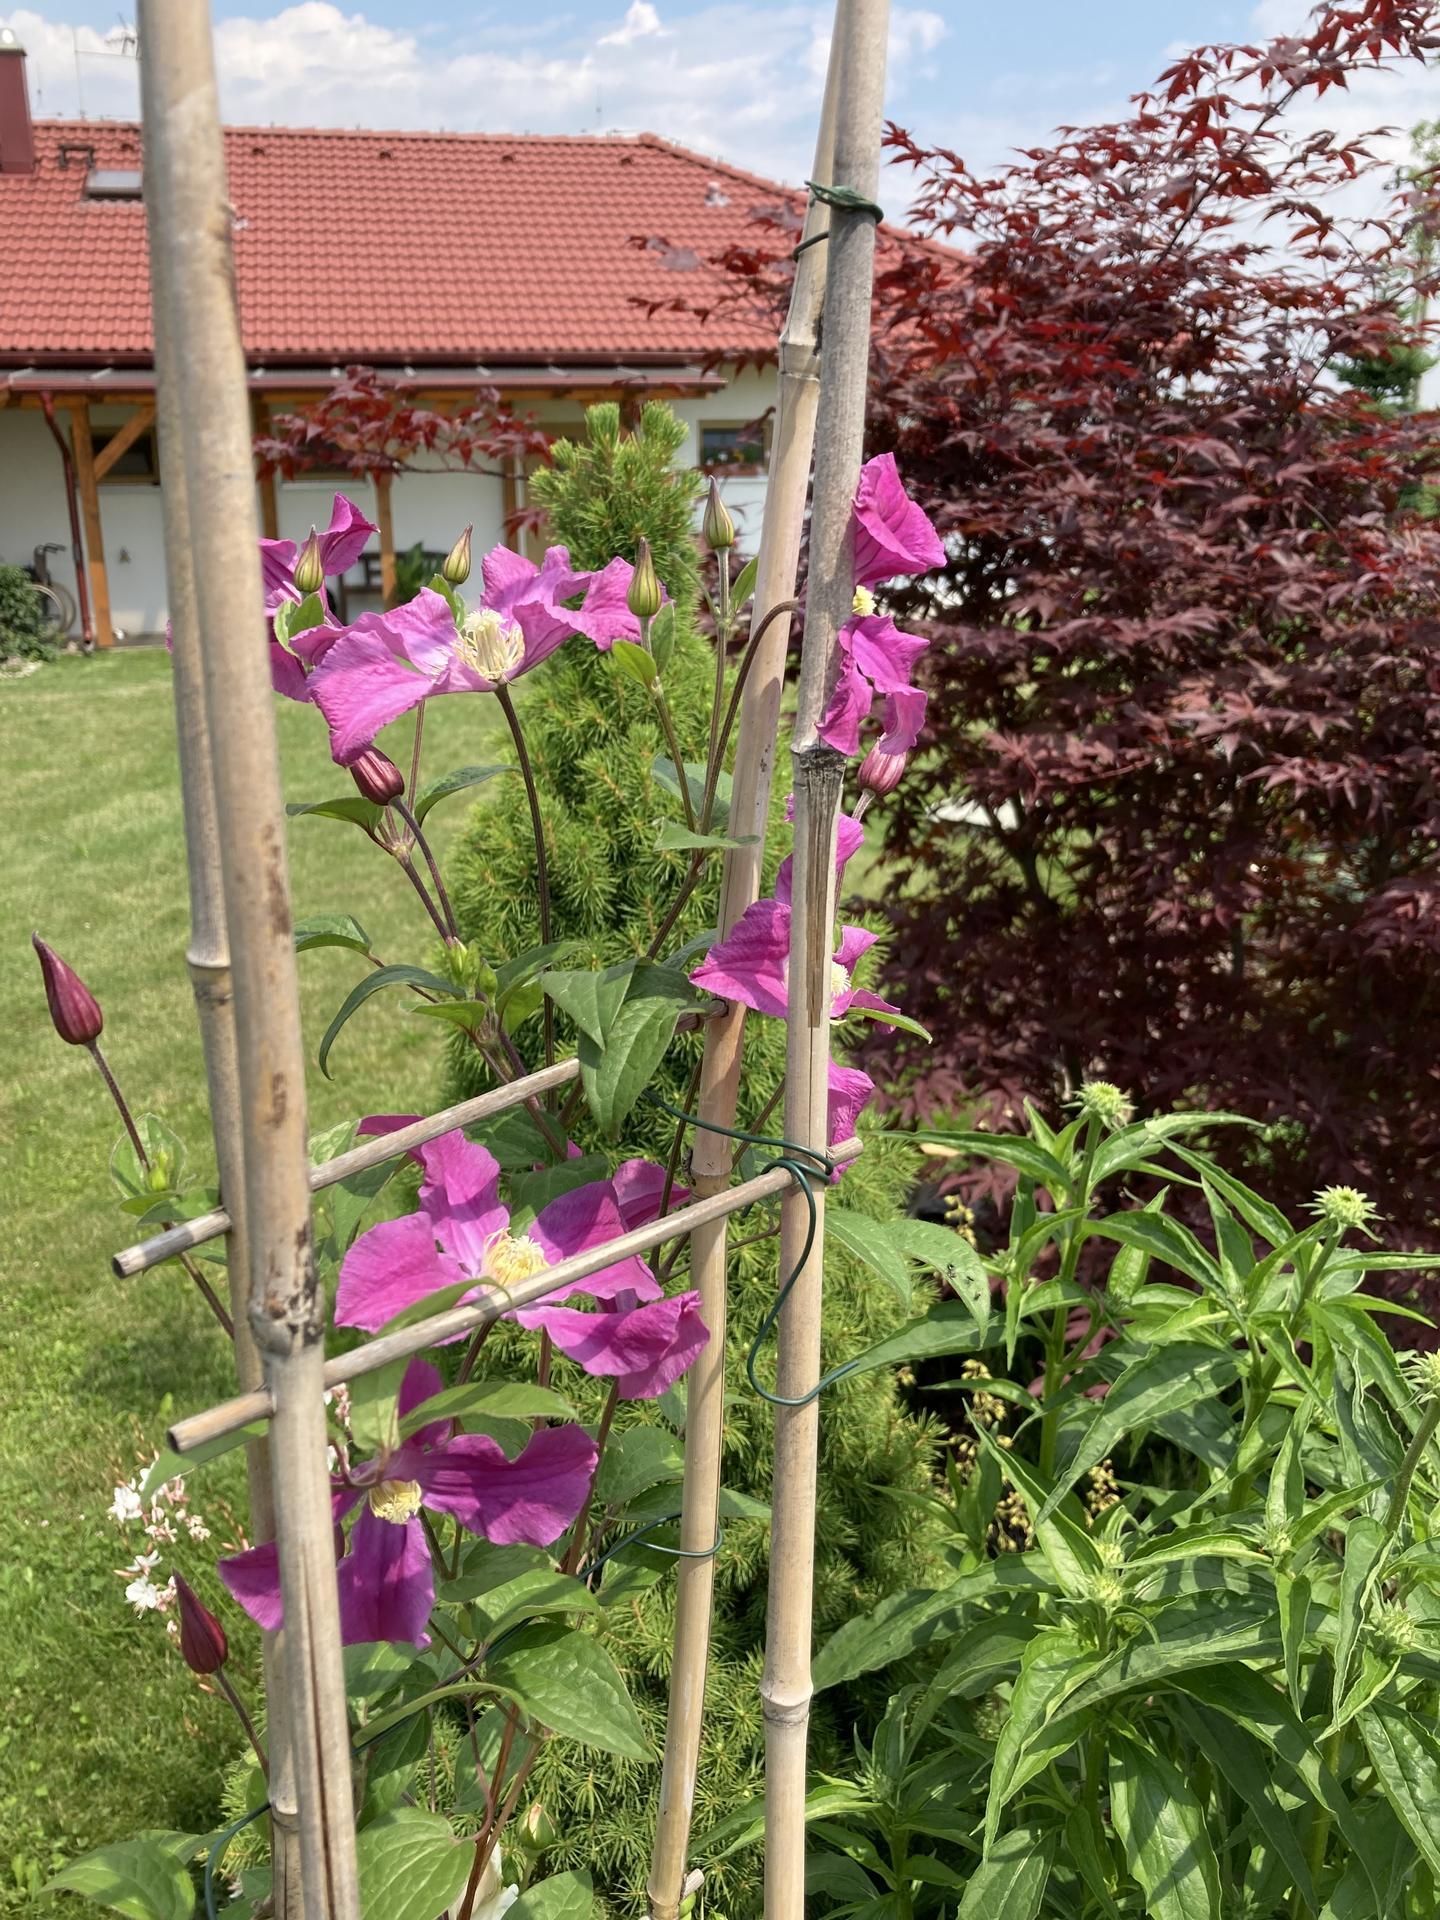 Šestý rok zahradničím - vloni koupený klematis letos konečně kvete